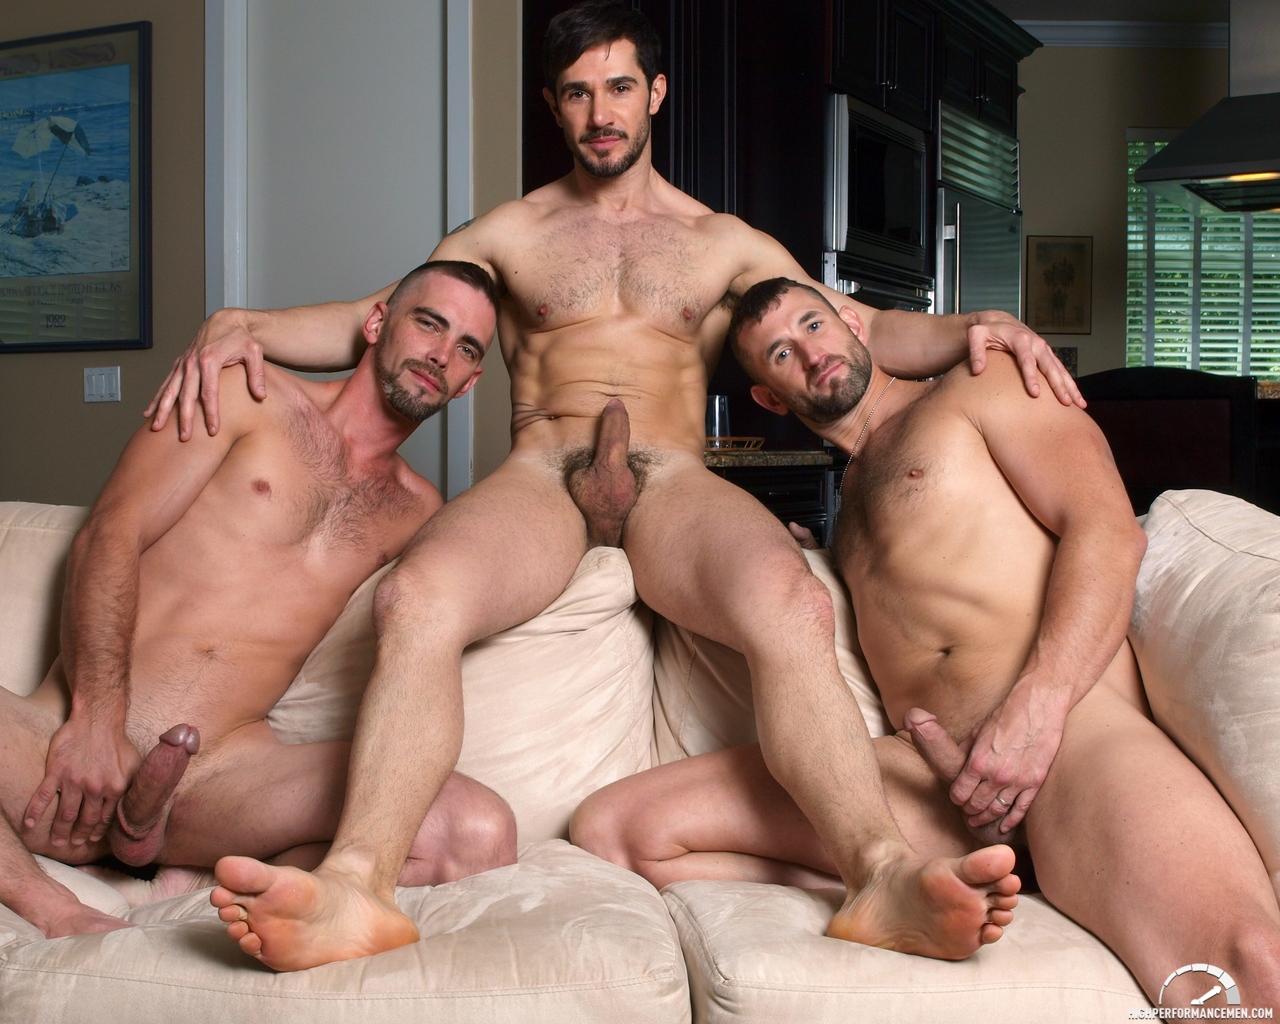 Видео гомосексуальных связей крепких парней